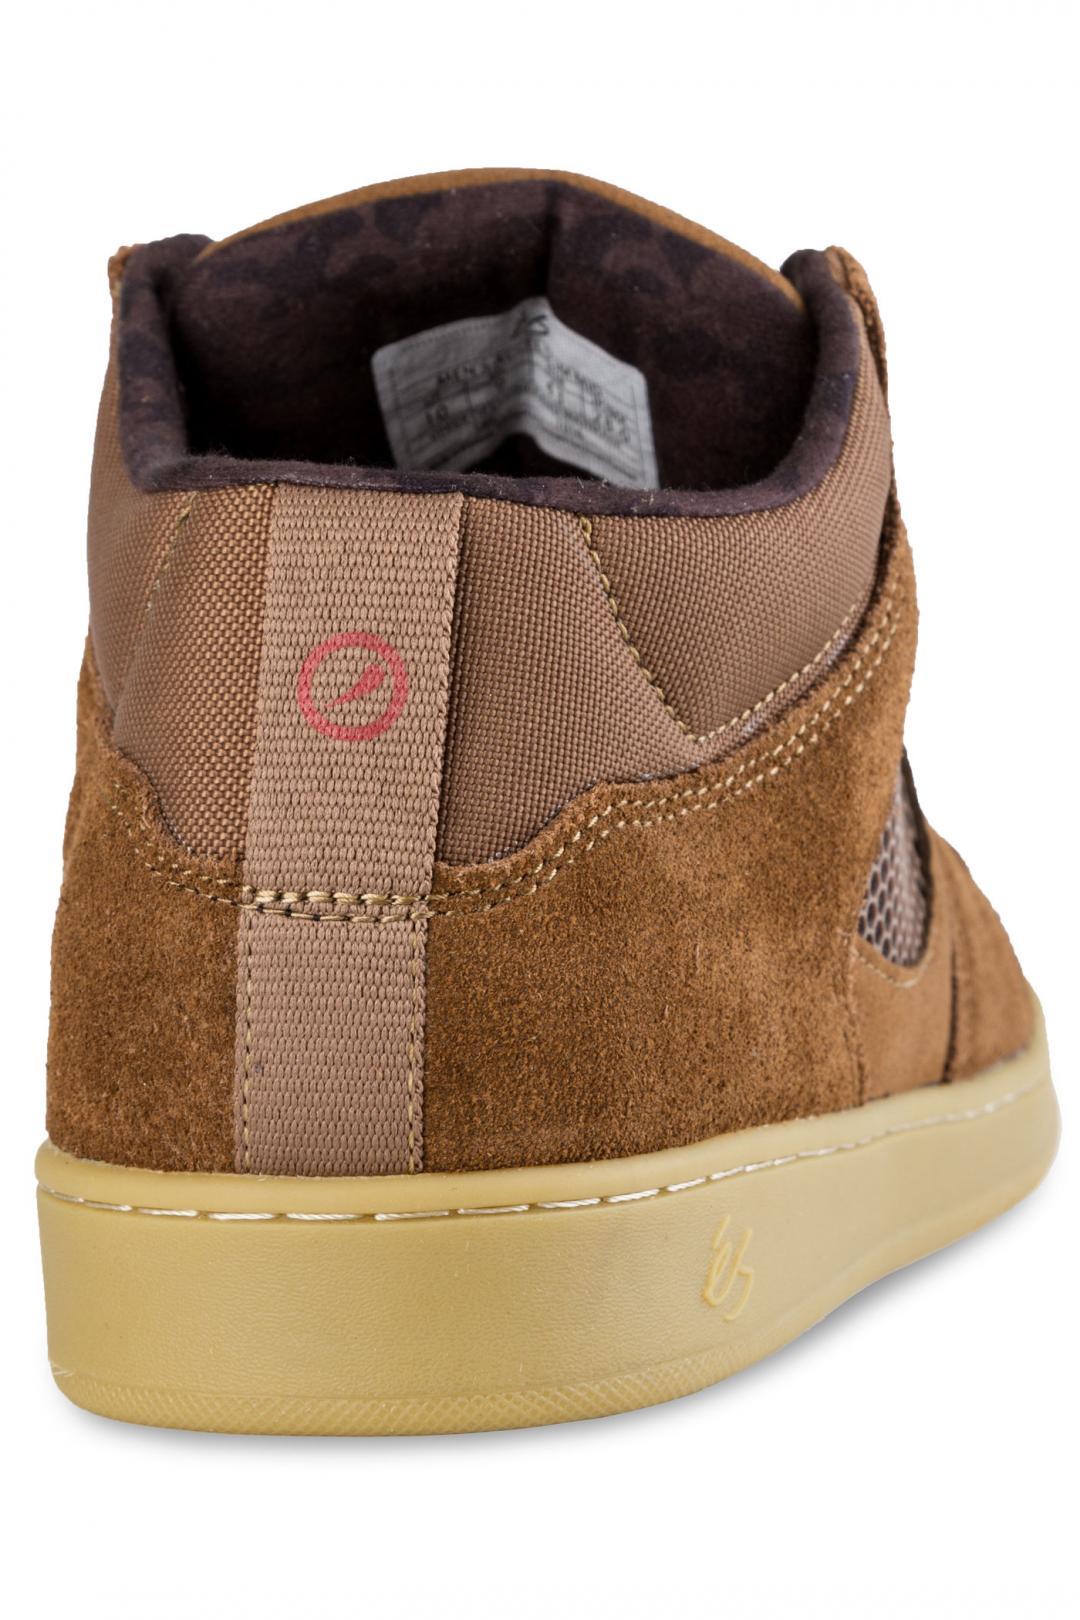 Uomo éS Accel Slim Mid brown gum | Sneakers mid top